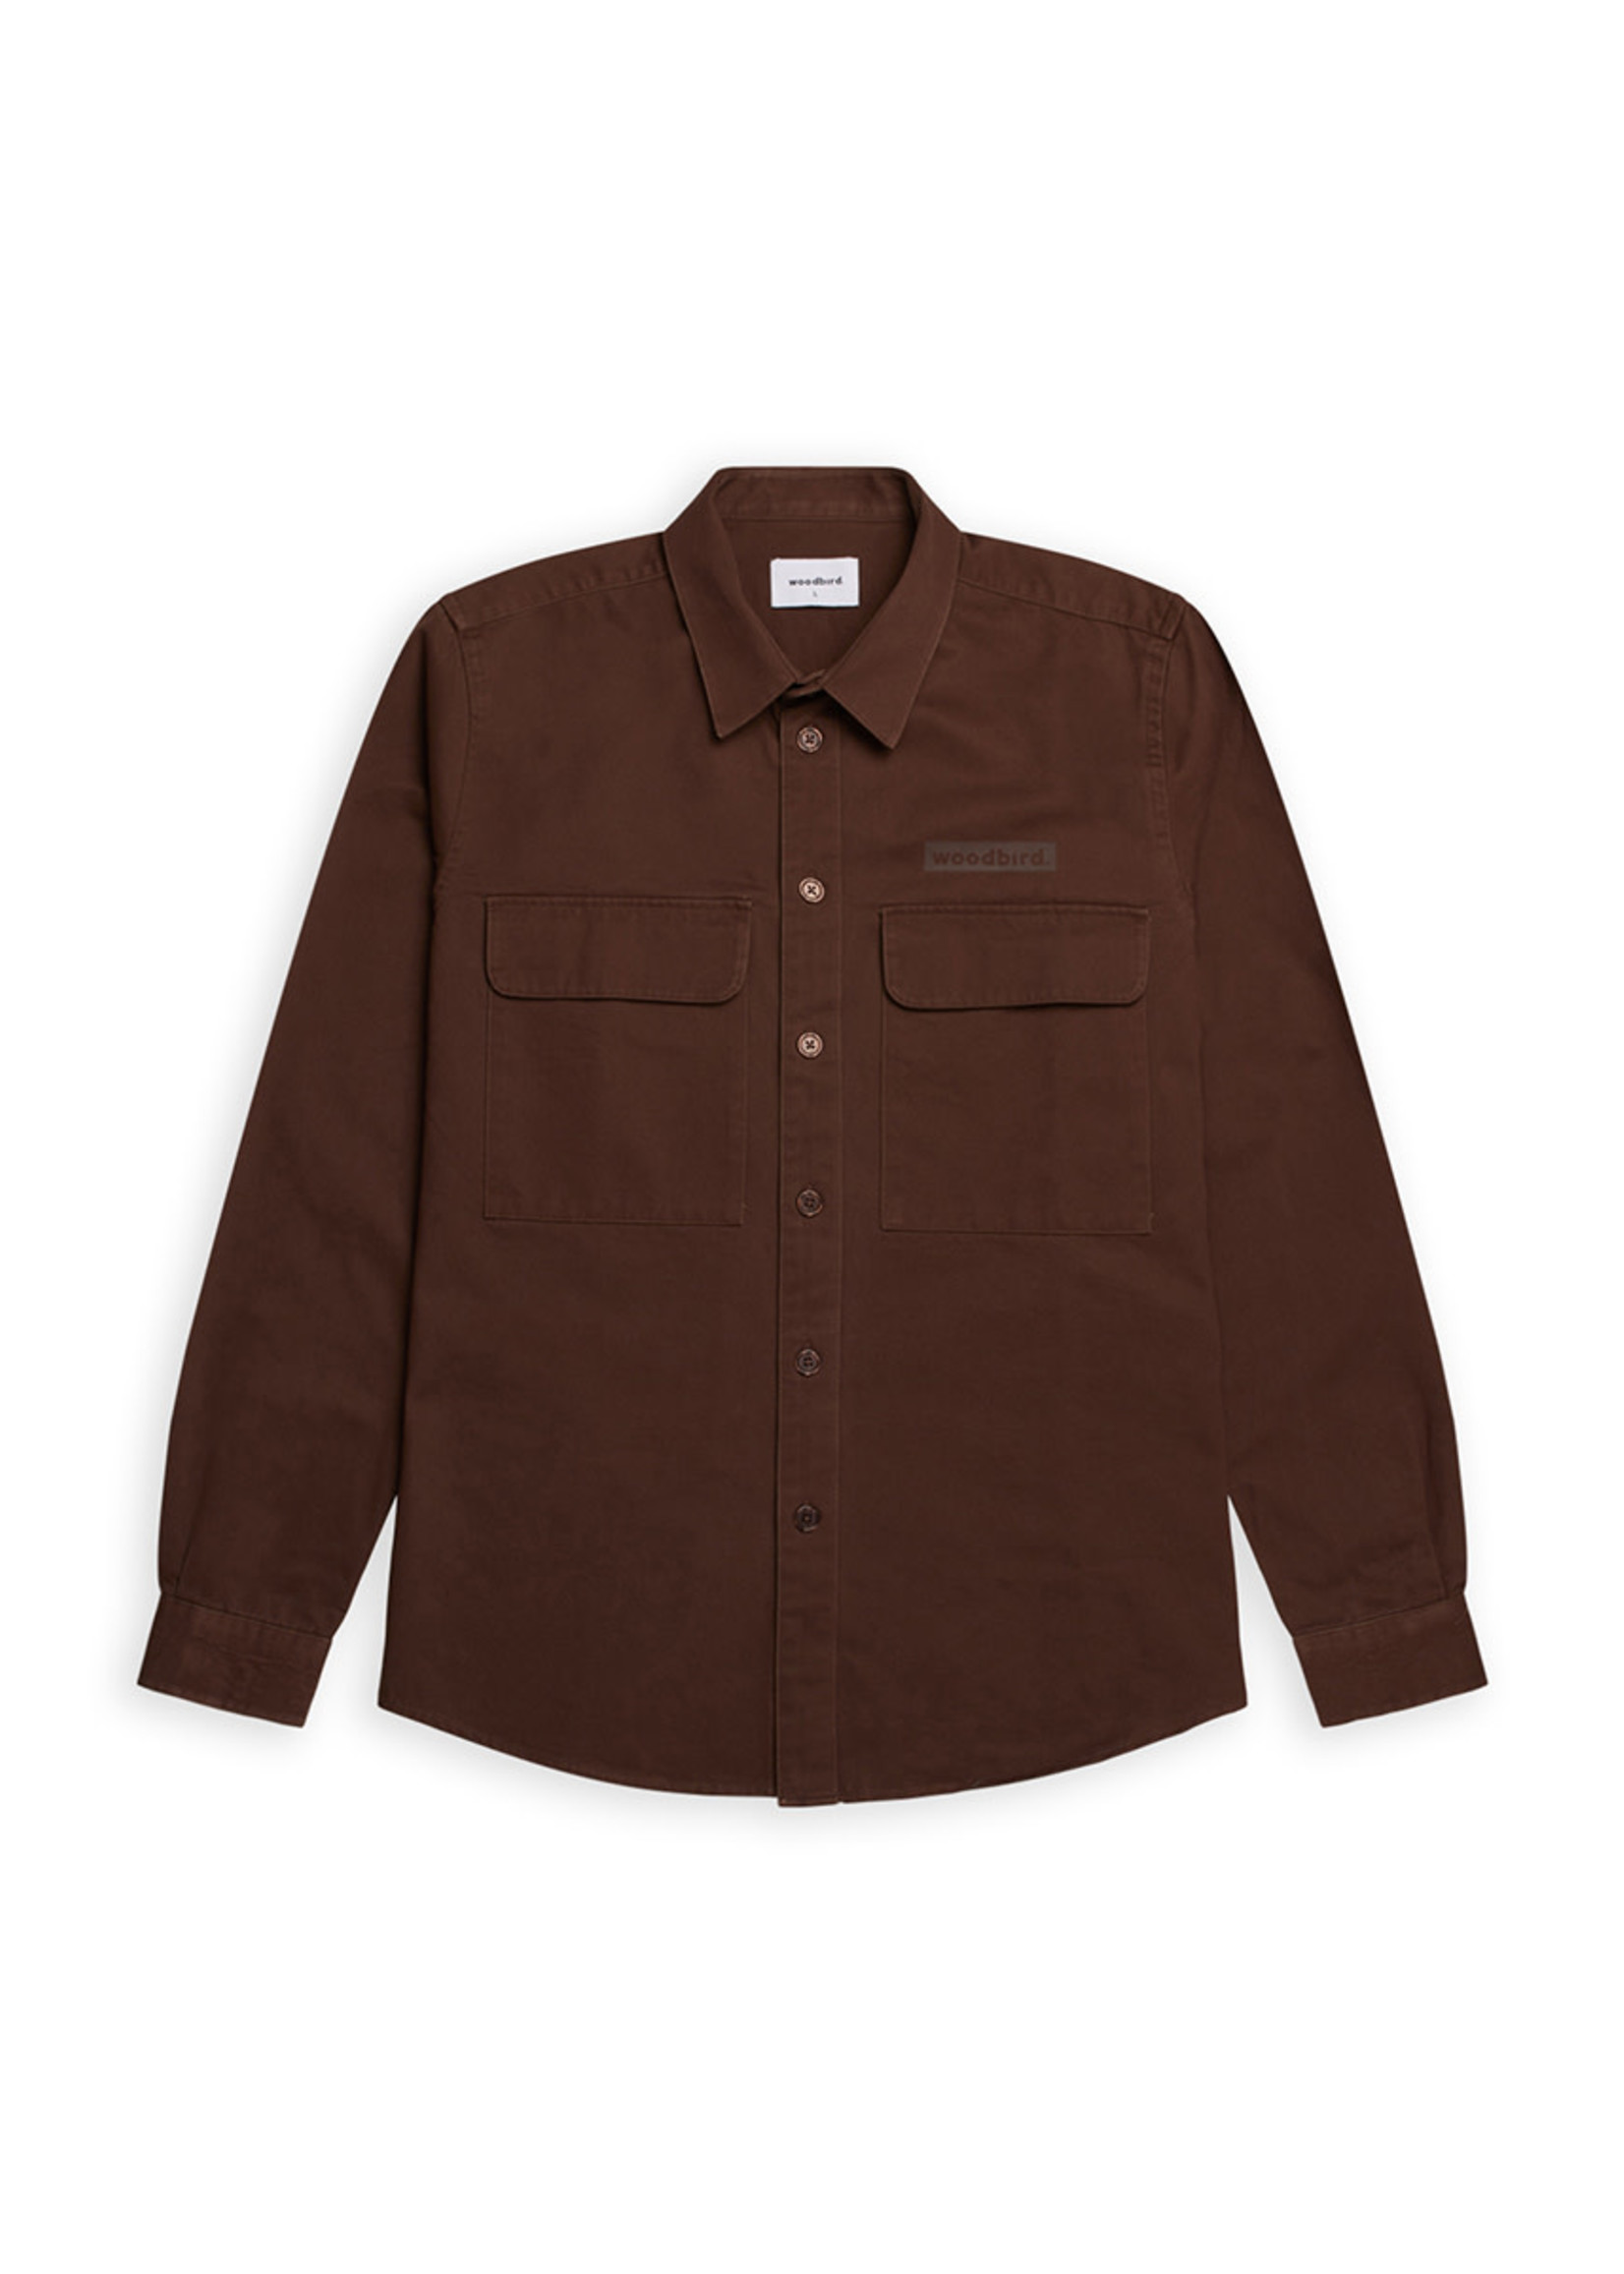 Woodbird Hoxen Work Shirt